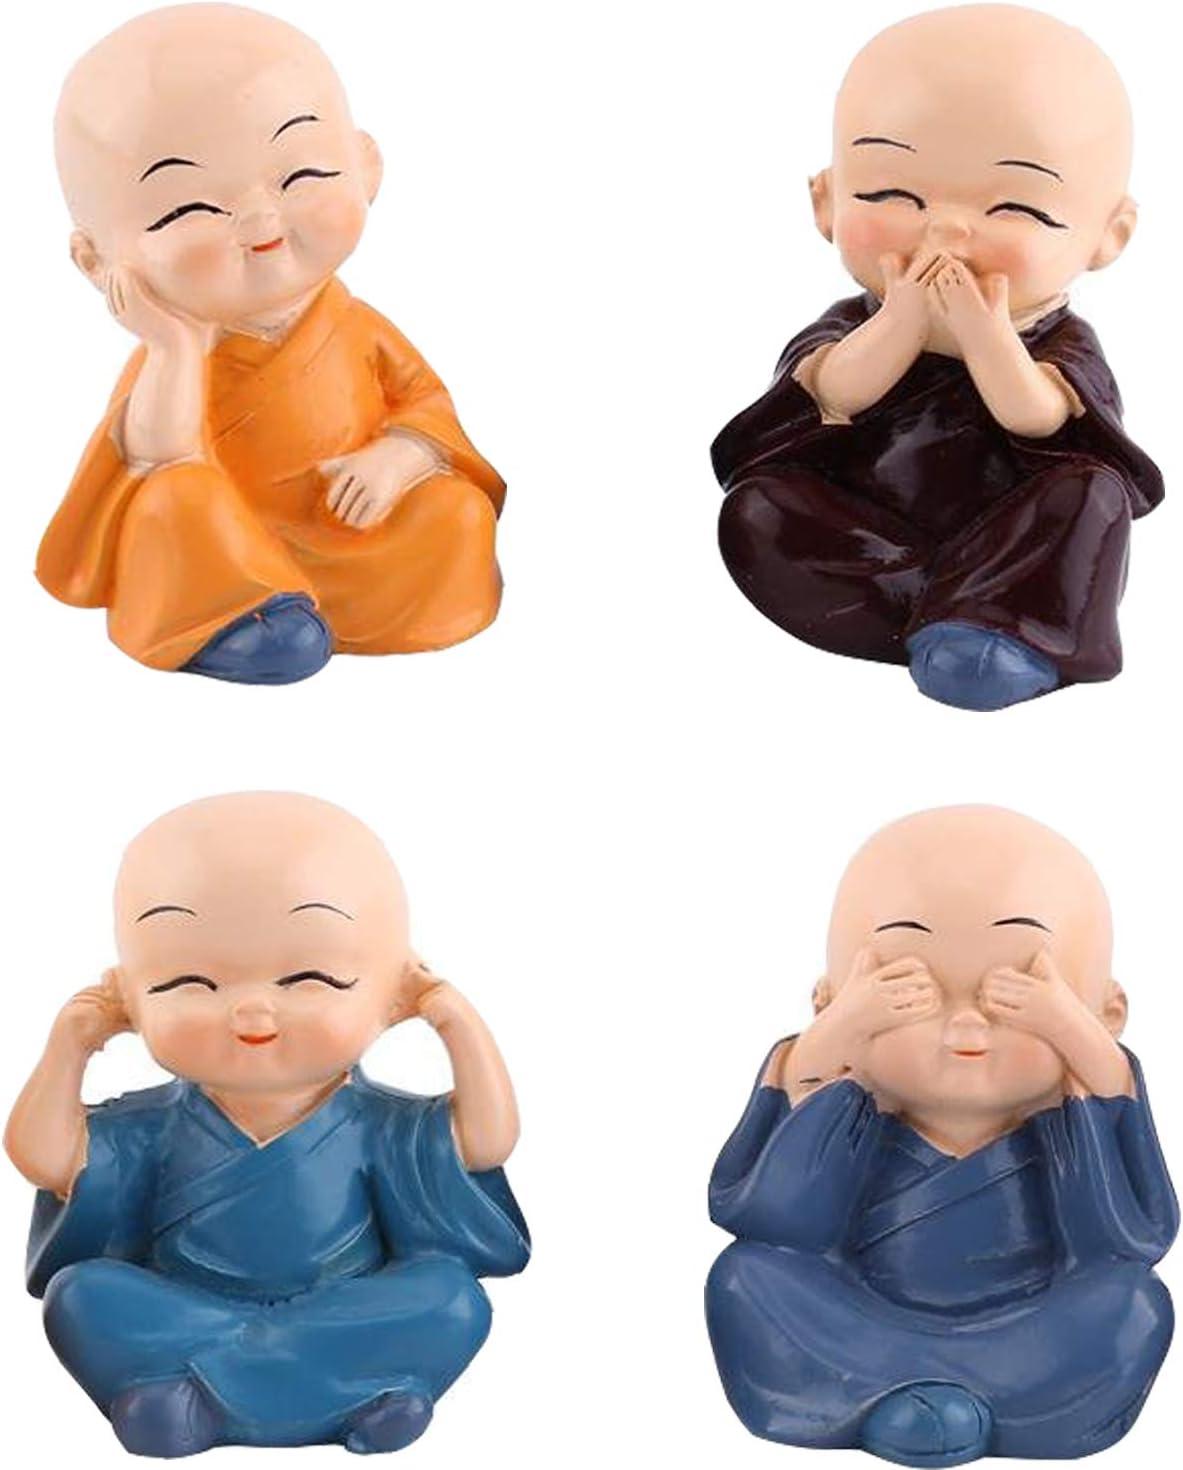 Ouinne 4 Unidades Estatua Linda del Monje Figura, Buda Figuras Decorativas para el Automóvil o como Decoración de Mesa